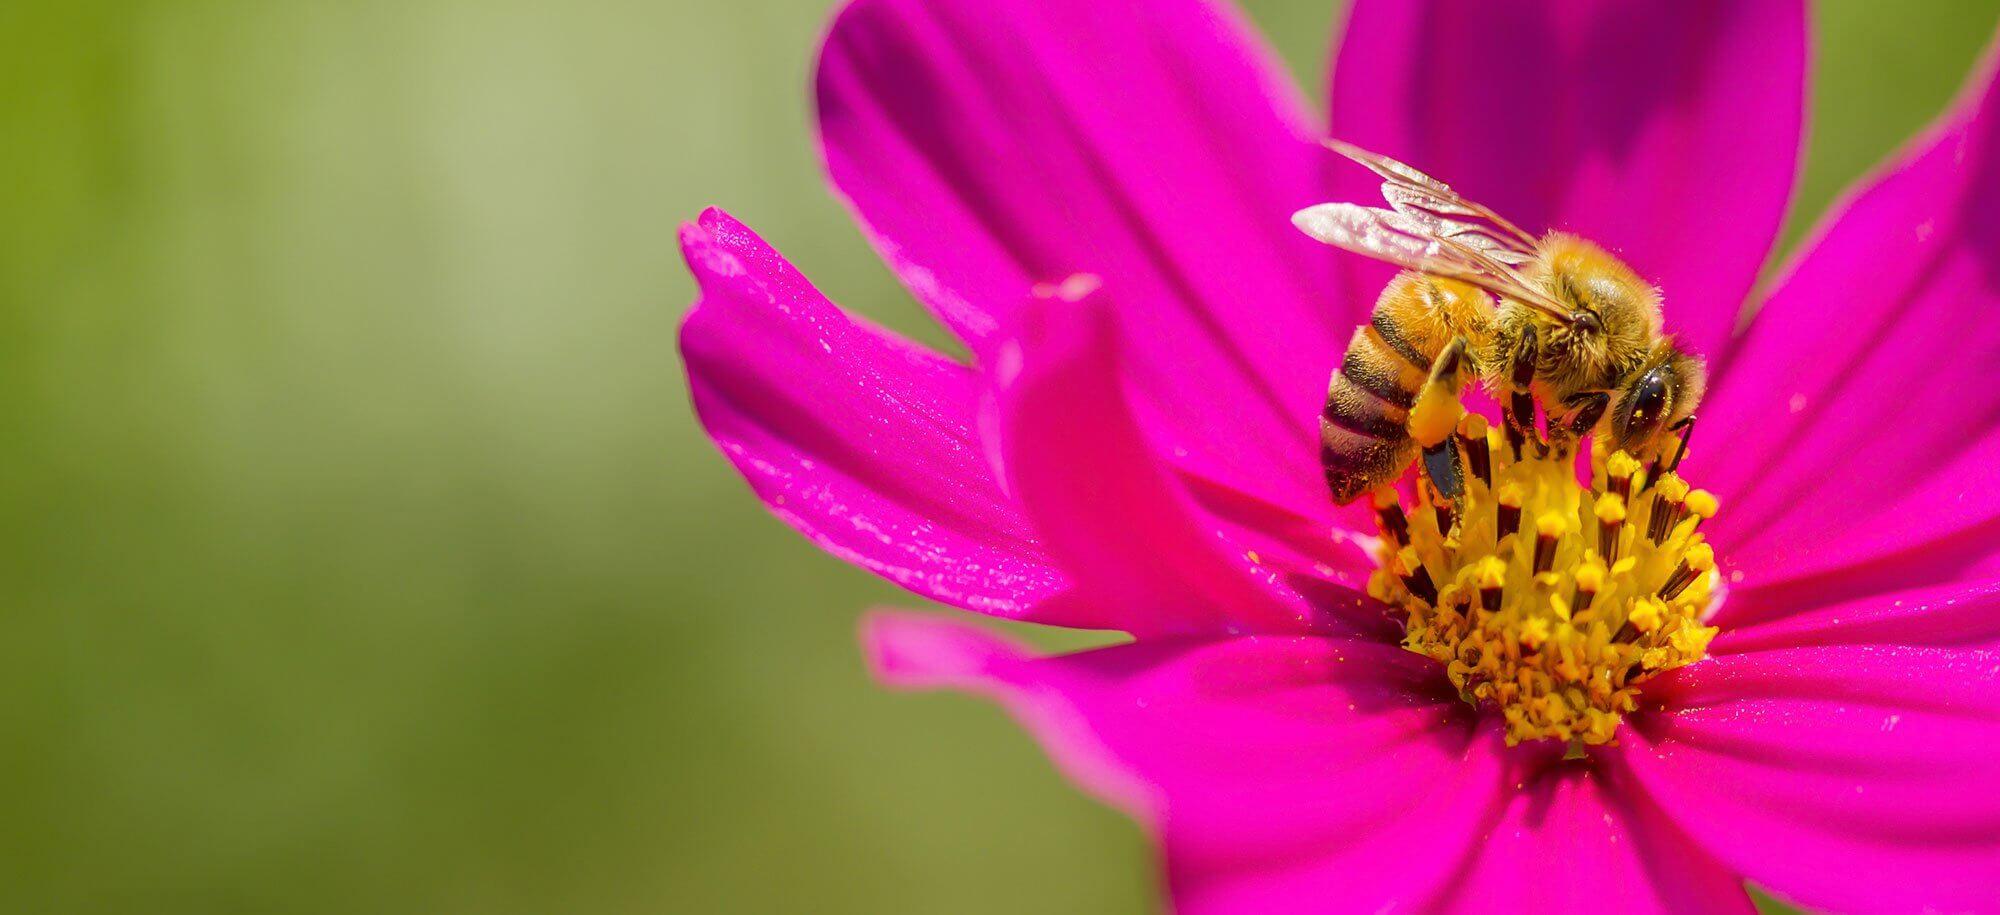 Willich blüht - Hero - Pinke Blume mit Biene